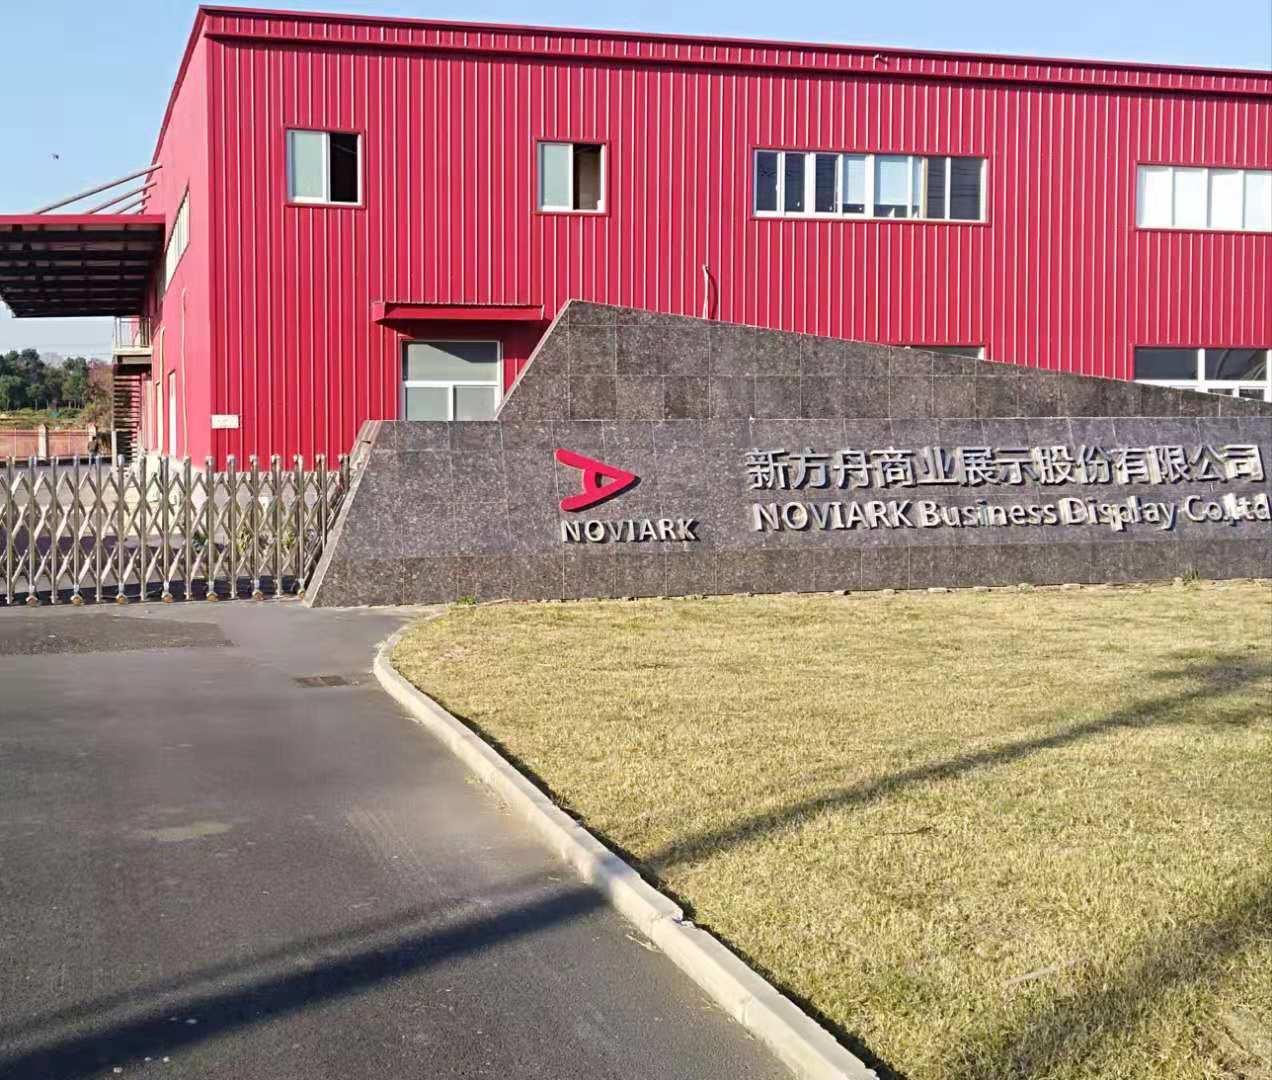 喷涂污水处理——安徽新方舟商业展示股份有限公司